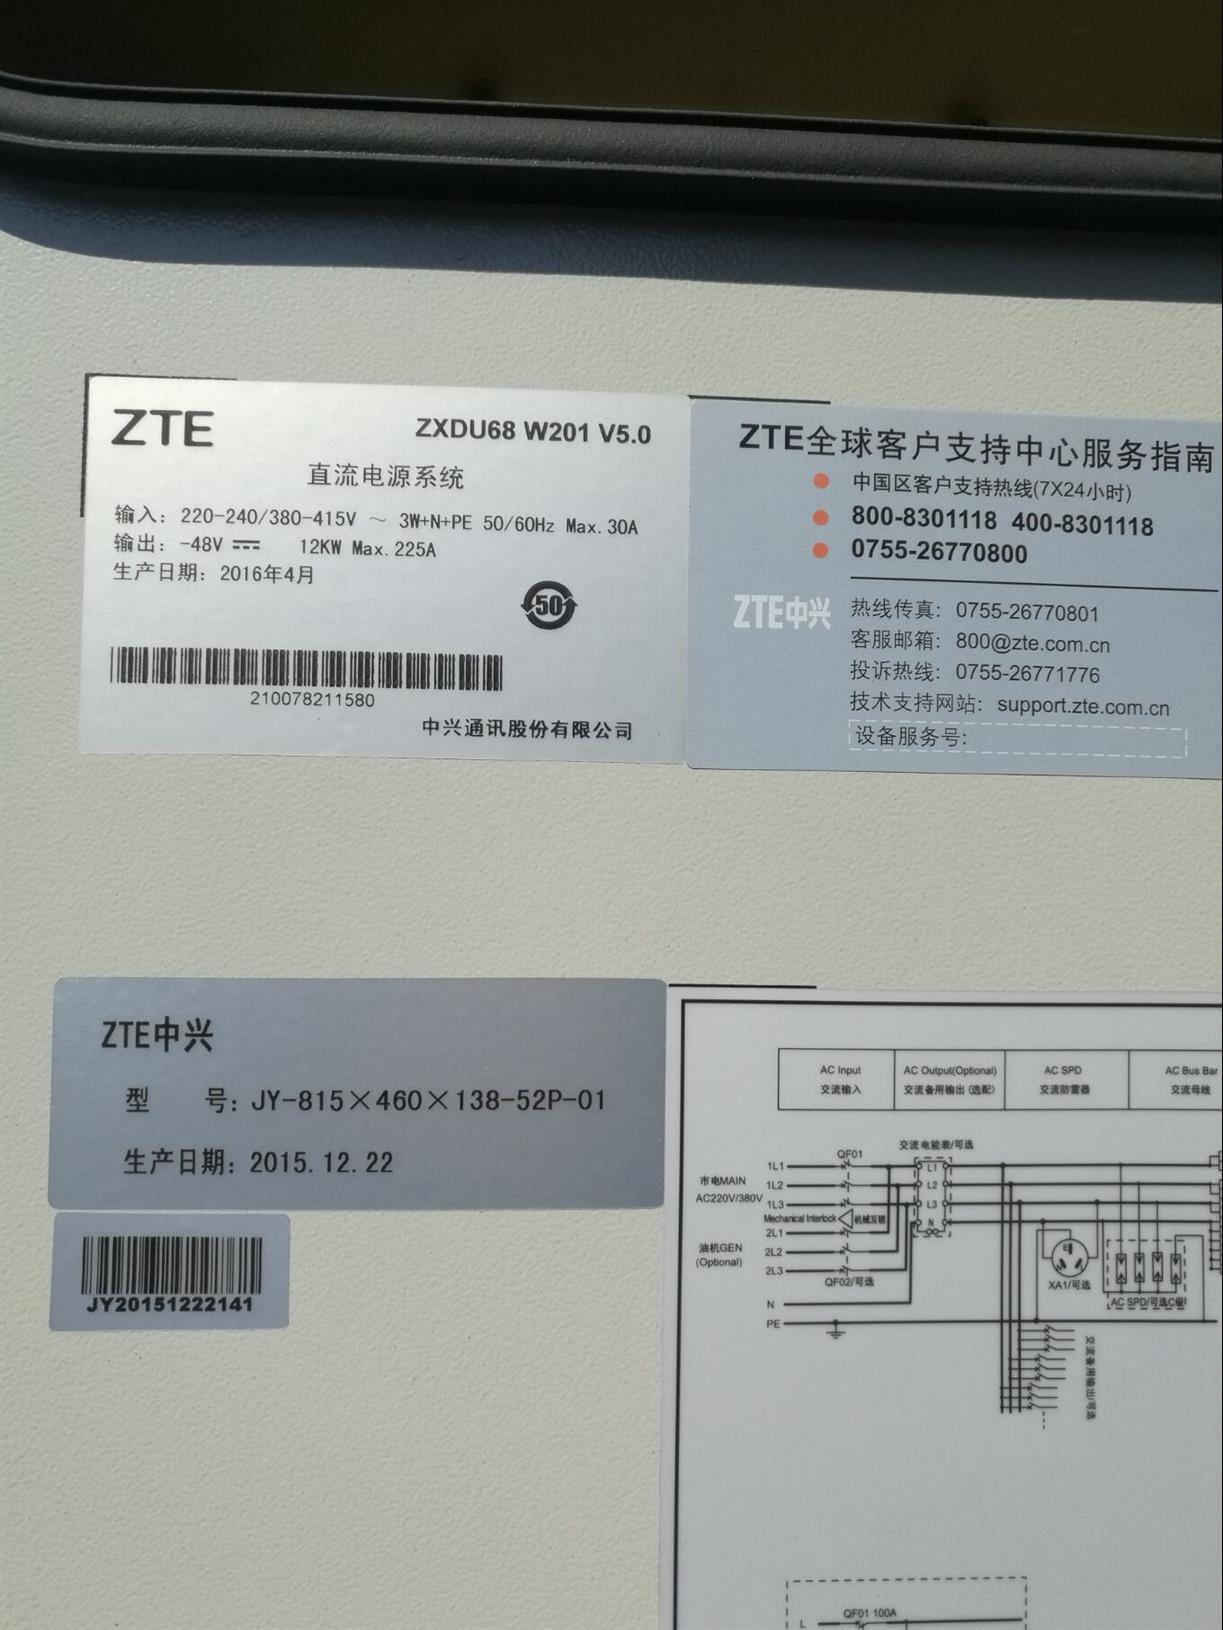 合肥中兴ZXDU68W201生产